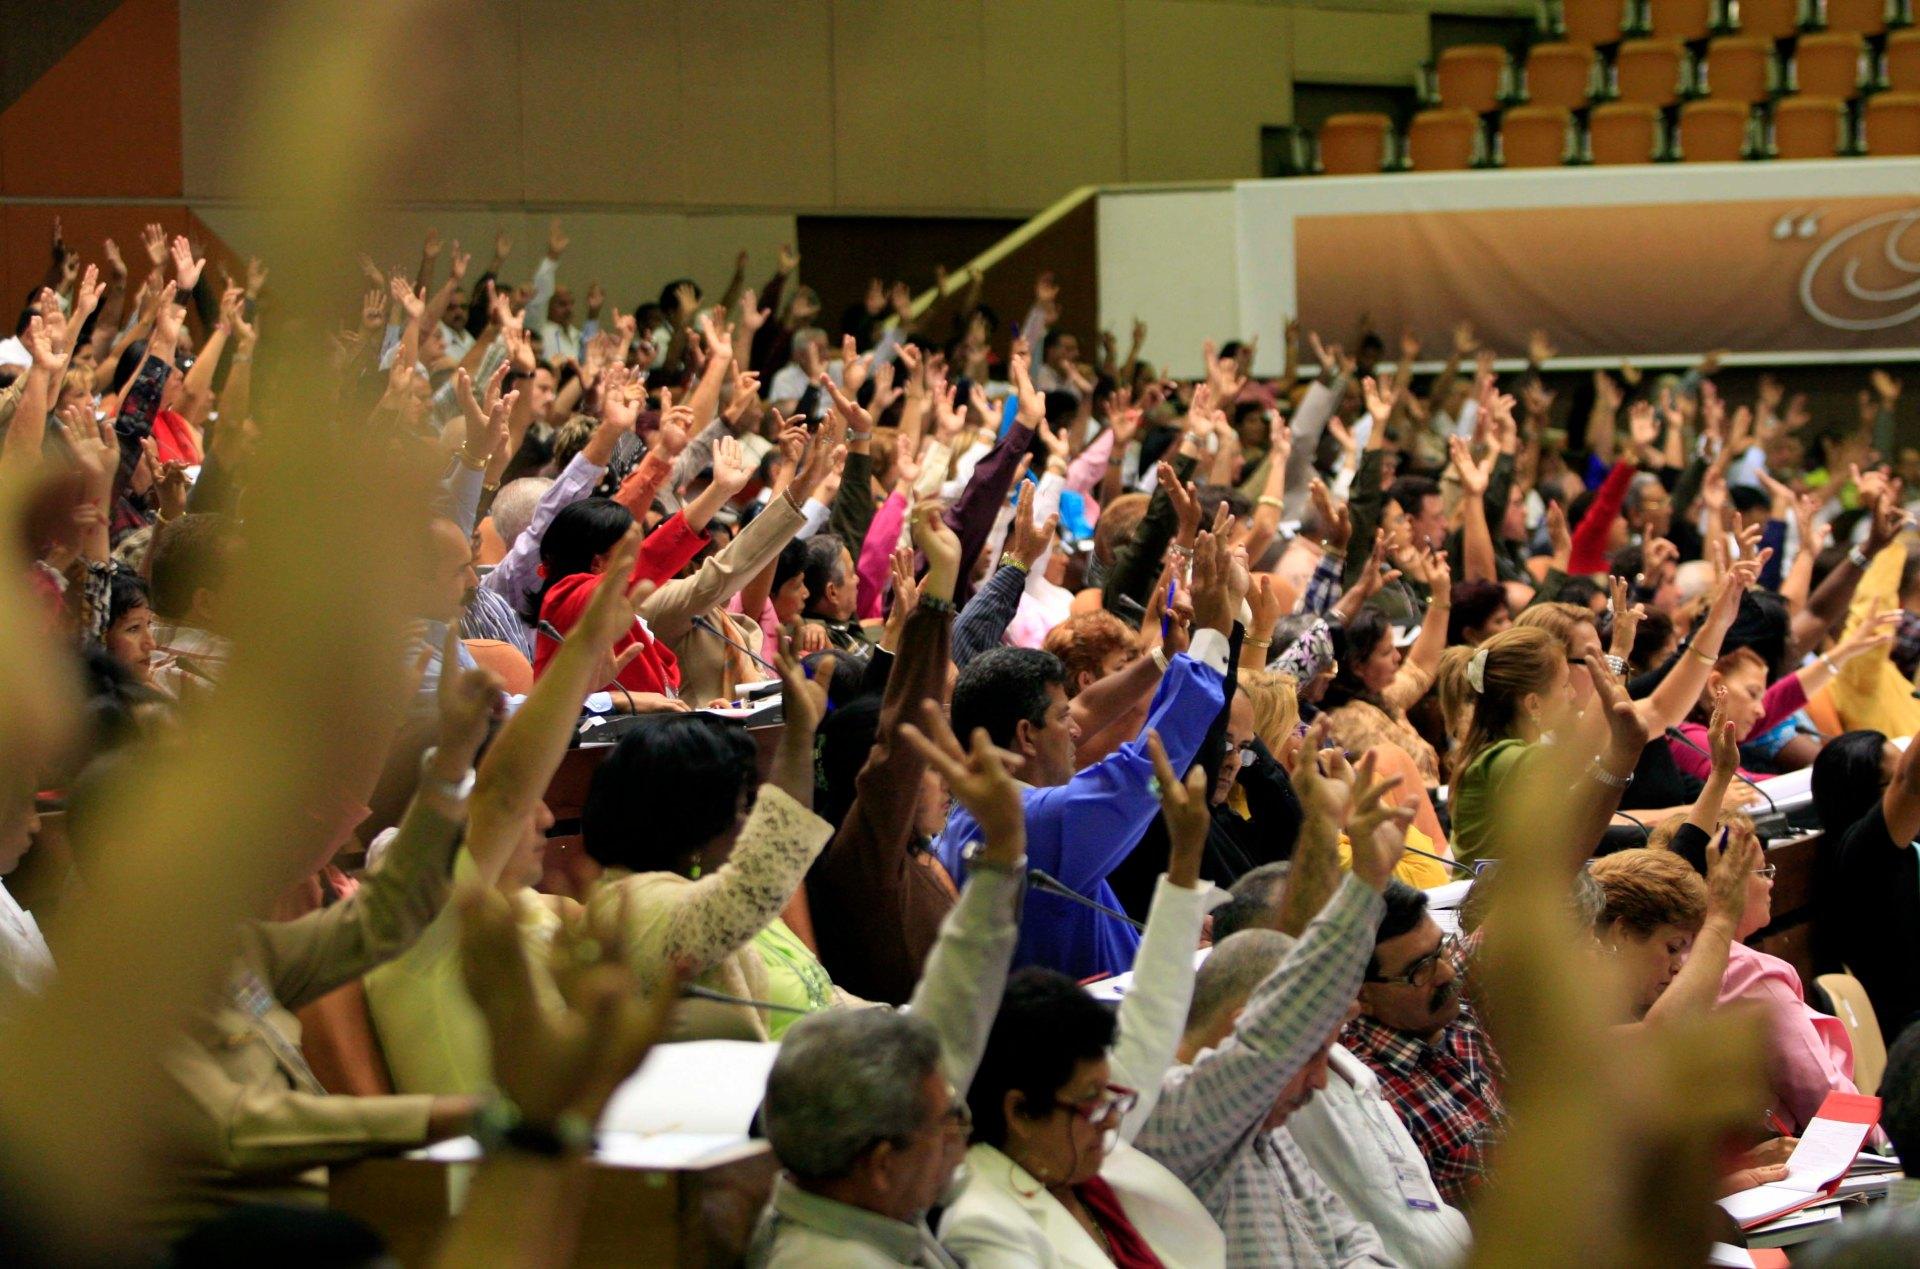 Los delegados al VI congreso del PCC, aprobaron la candidatura al nuevo comite centrl del partido comunista.